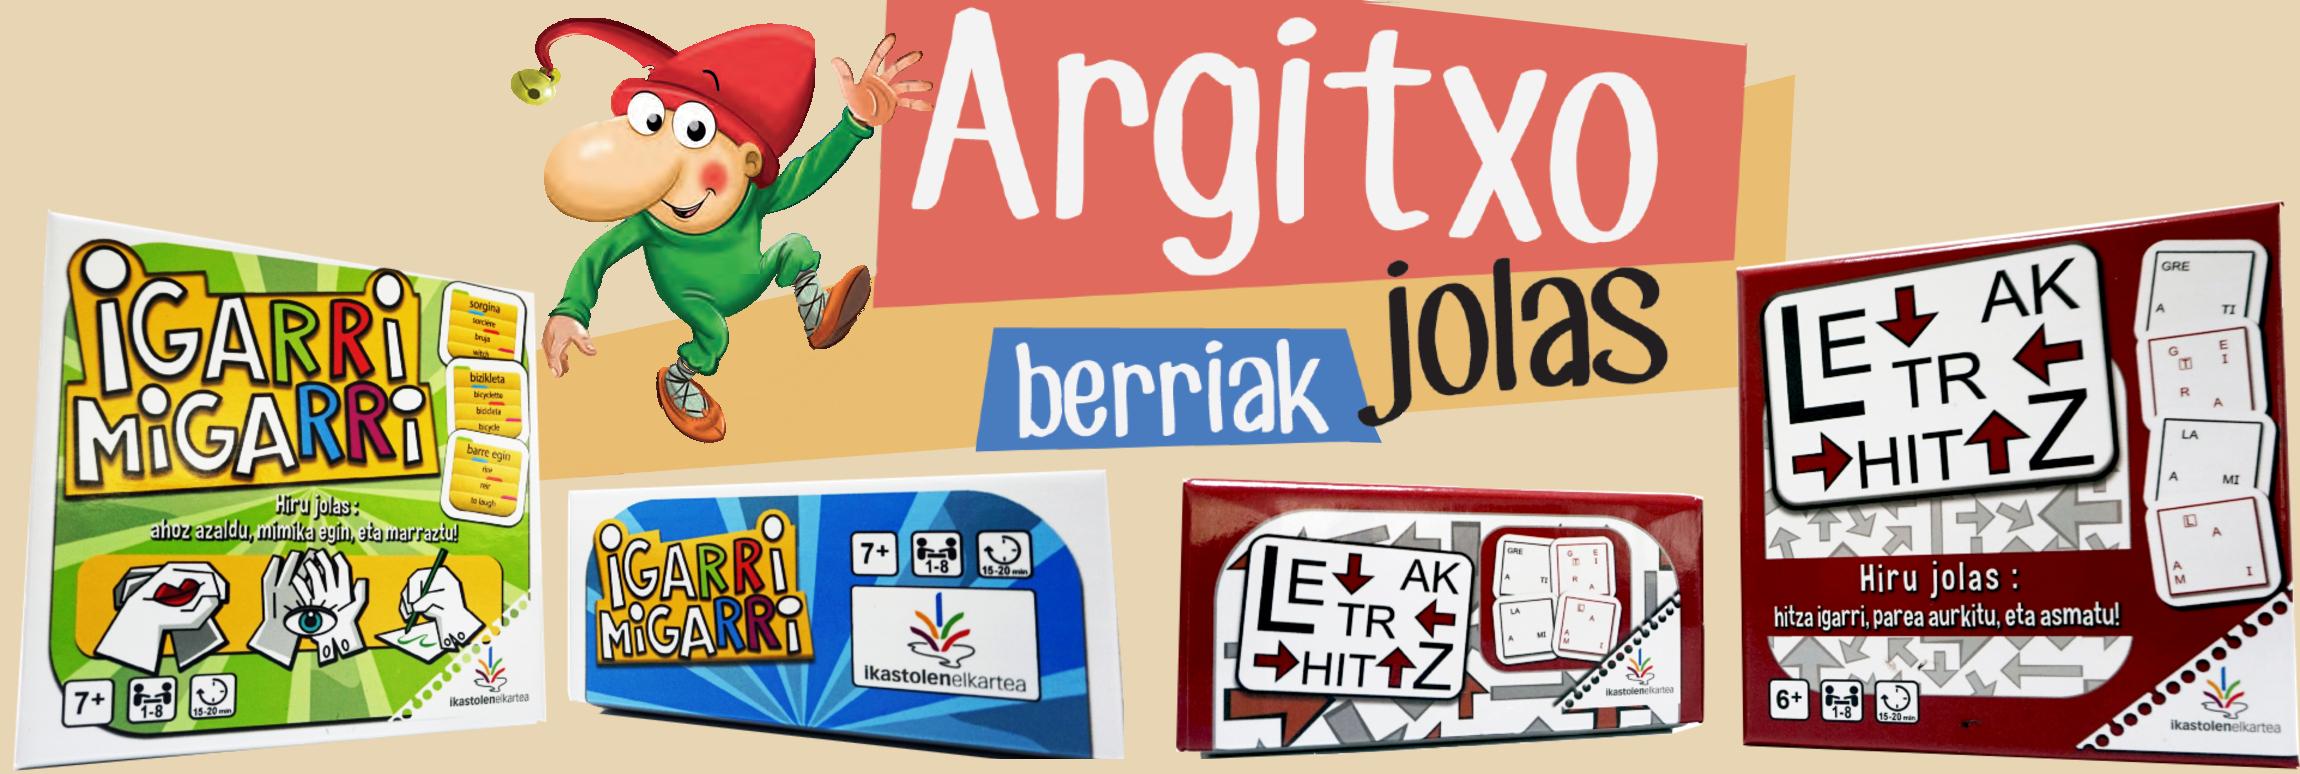 argitxo_jolas_berriak_banner.jpg